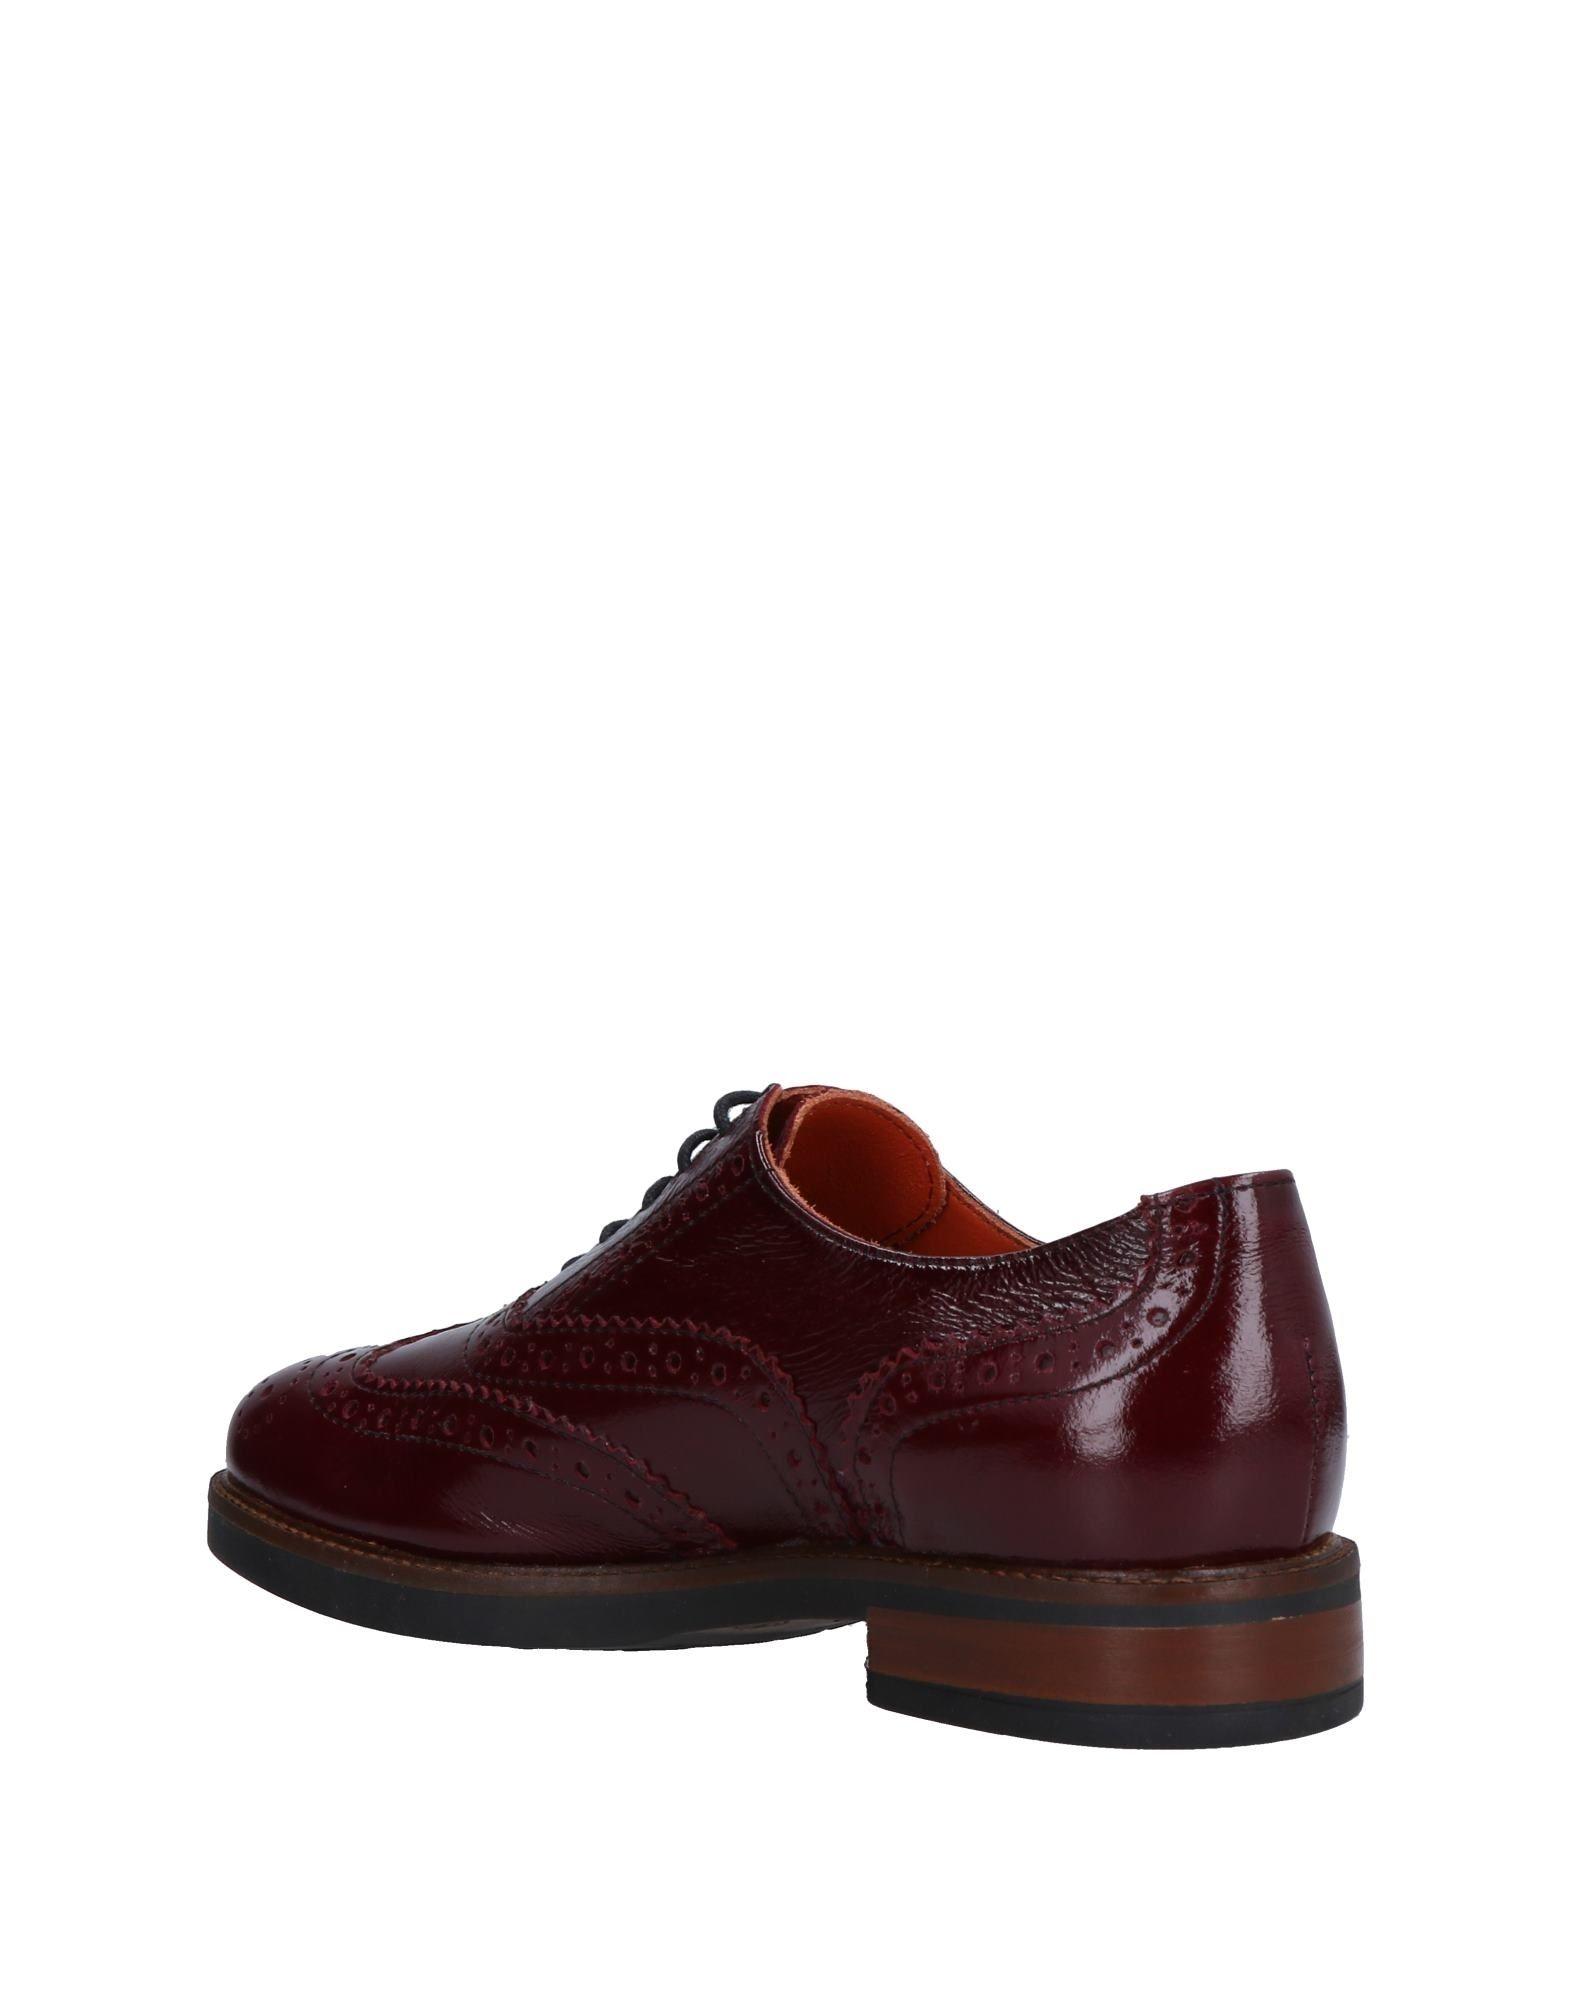 Gut um Schnürschuhe billige Schuhe zu tragenBagatt Schnürschuhe um Damen  11510181HU 1baca9